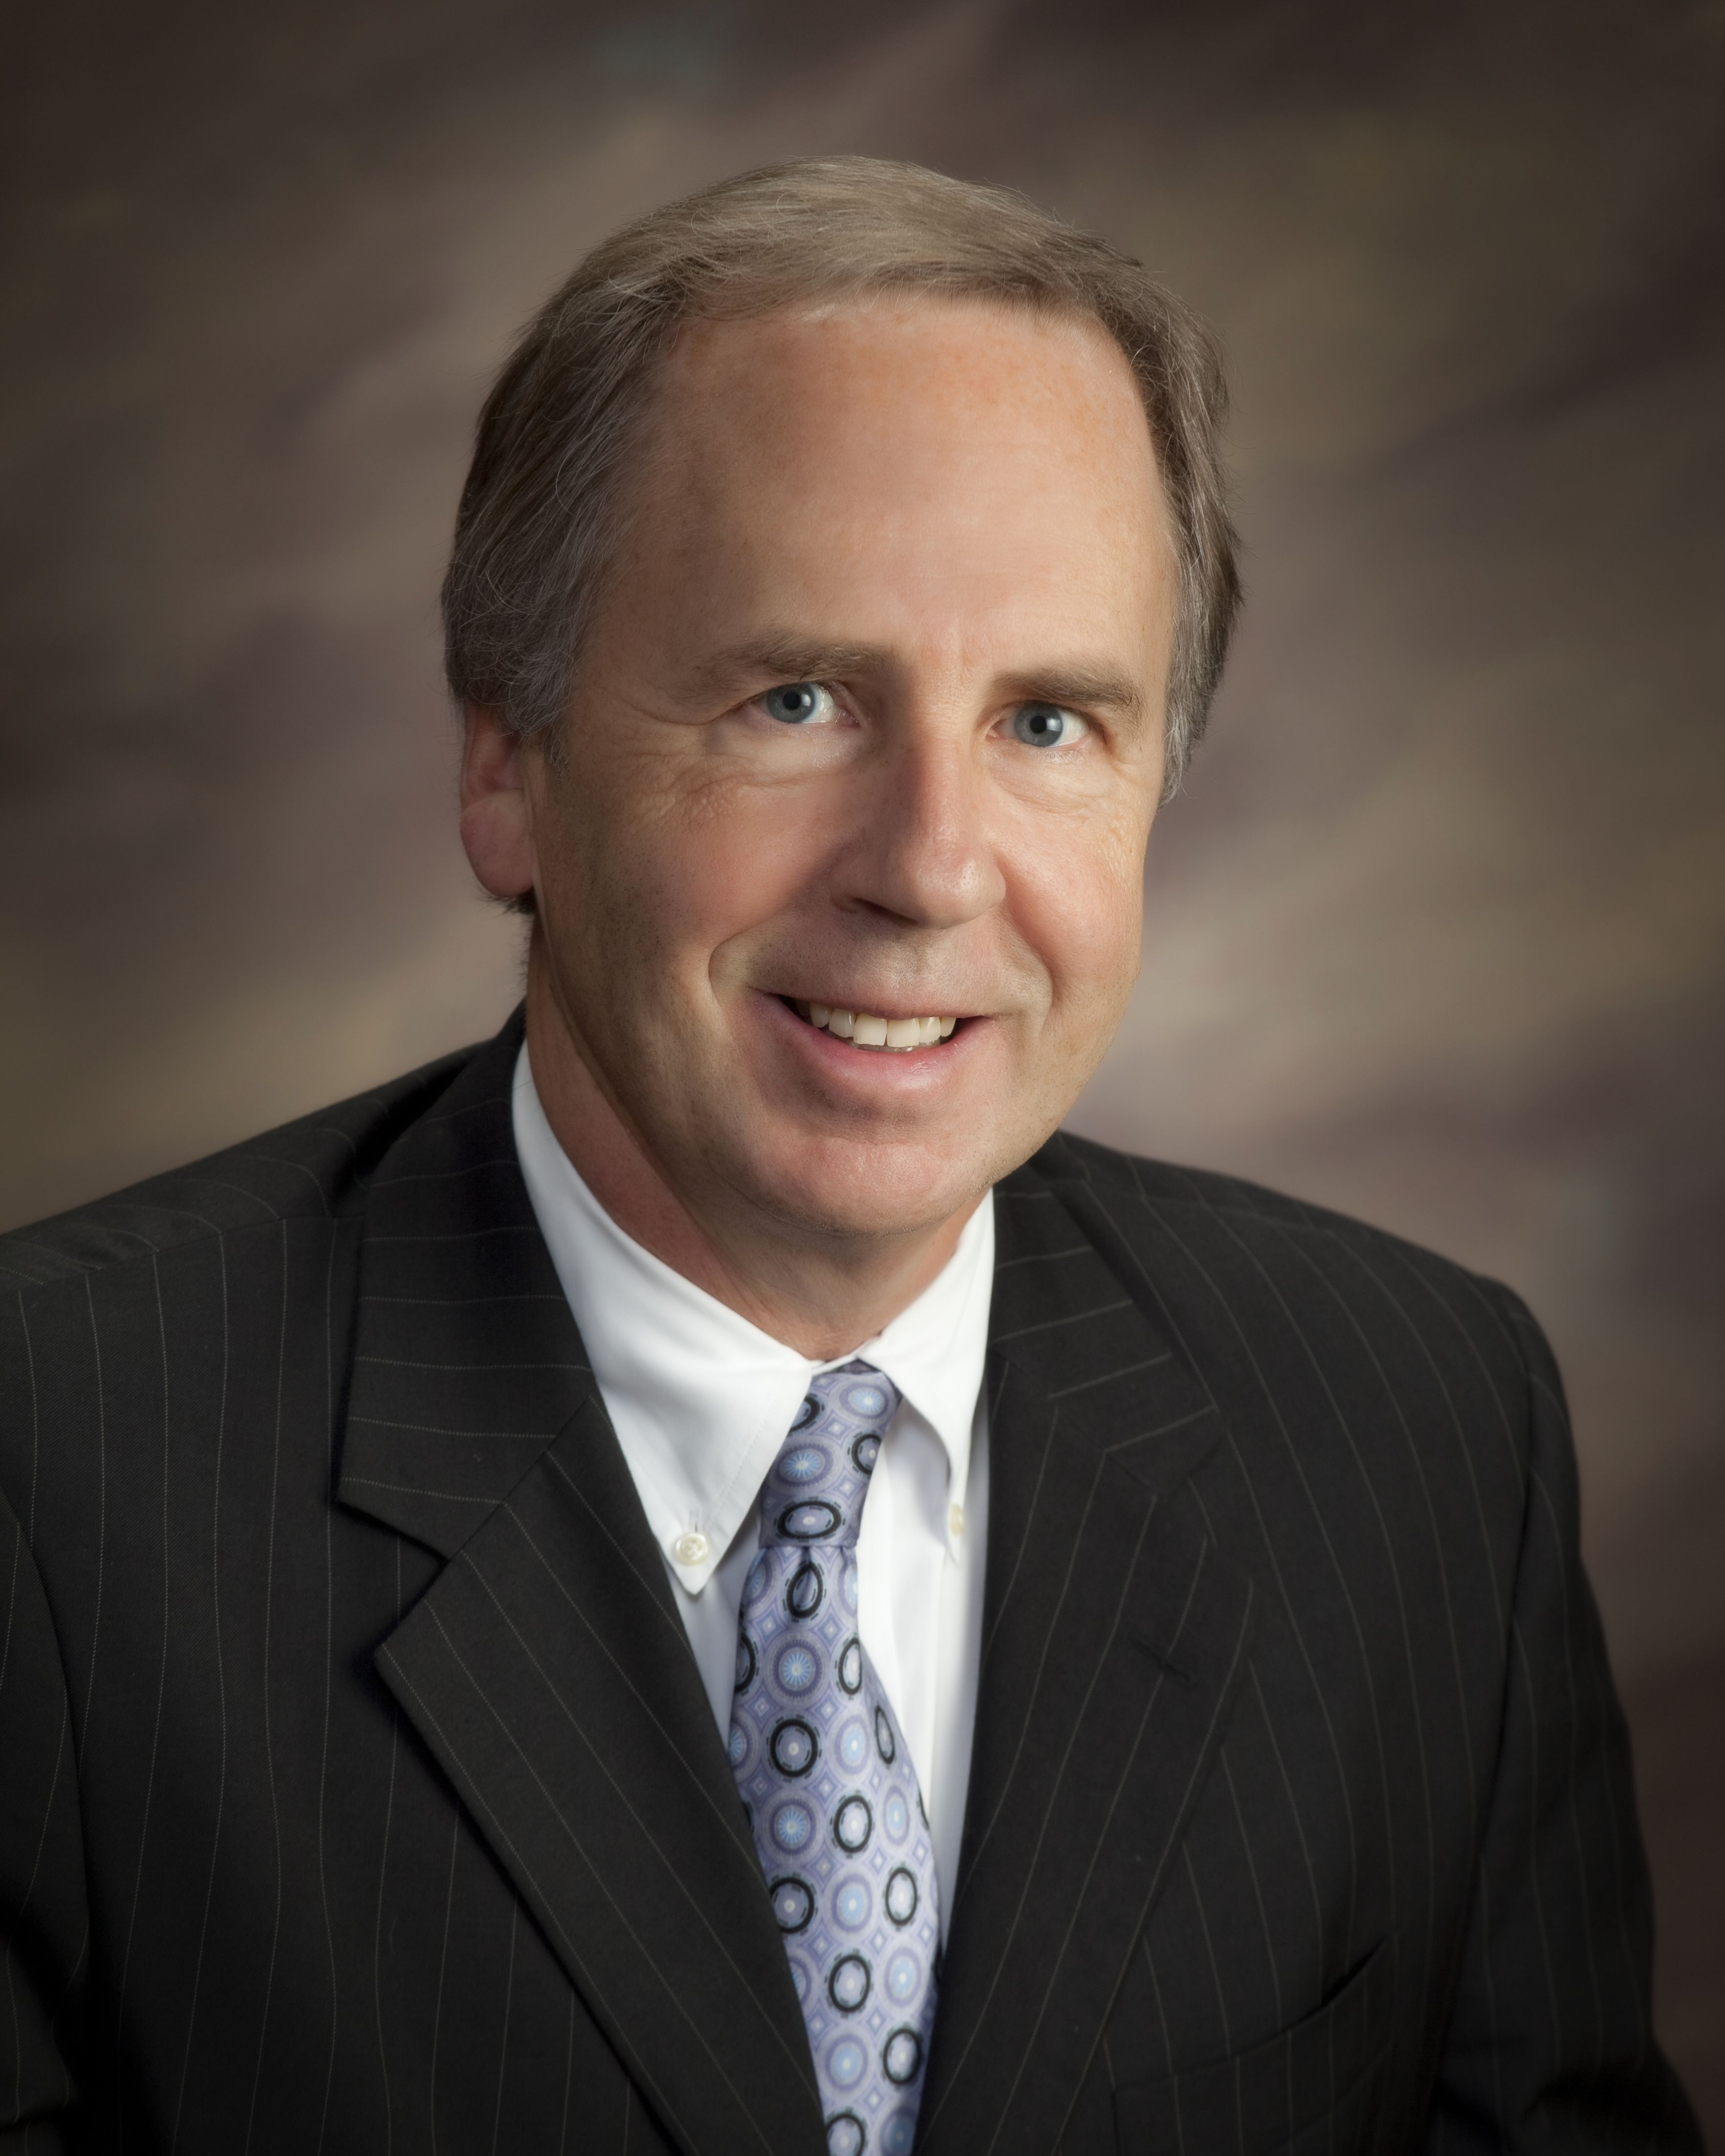 Kurt W. Maier